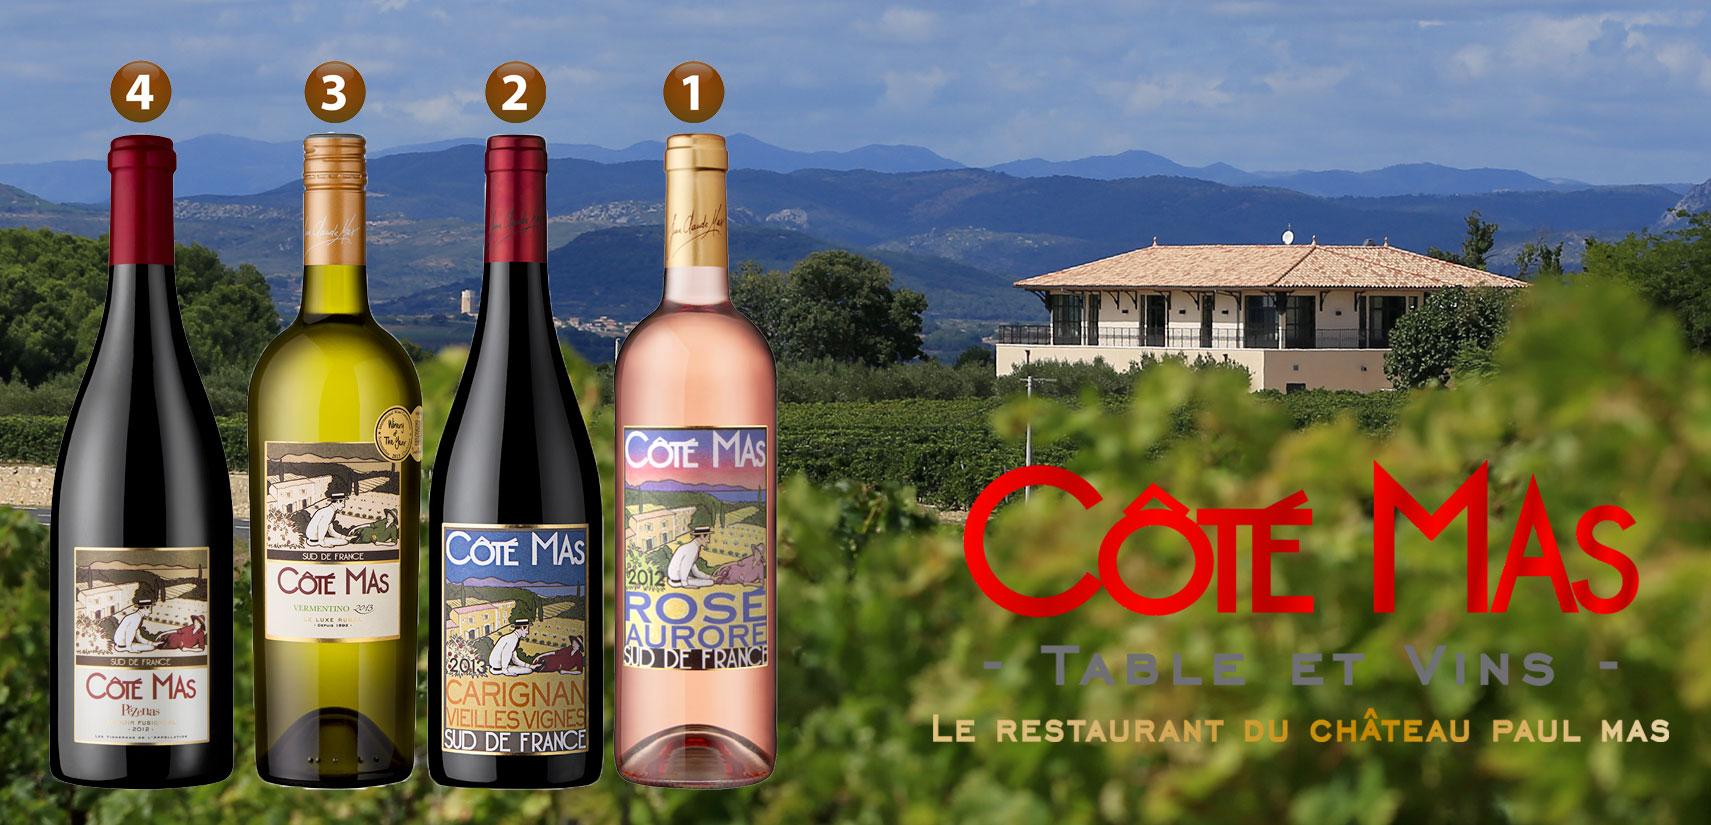 Les vins Côté Mas